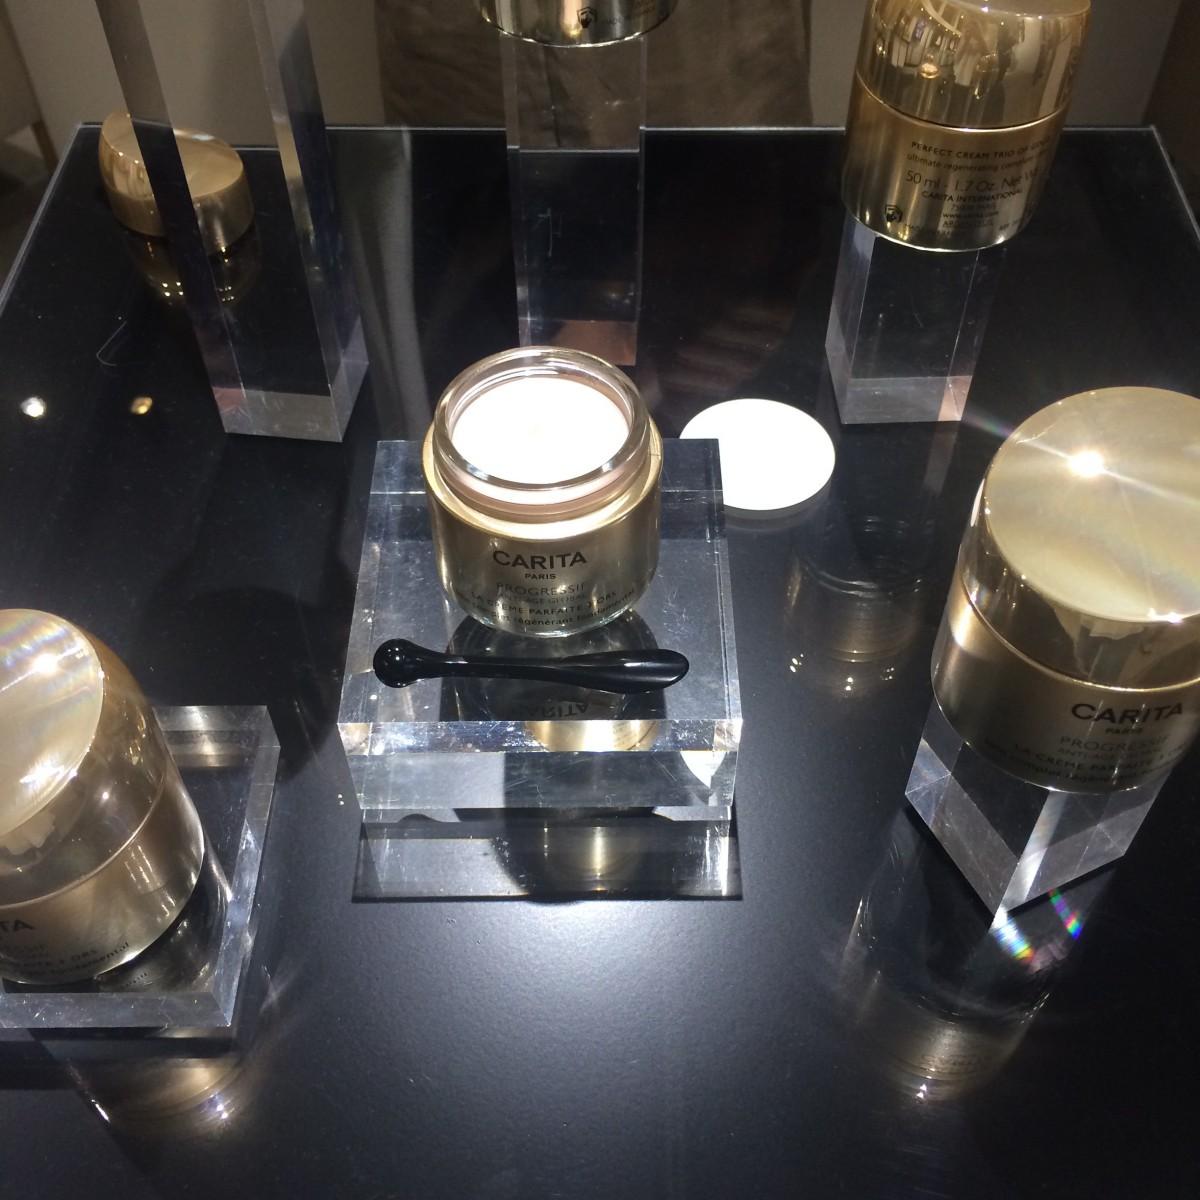 カリタ-8月新発売 ゴールドテクノロジーでケアするエイジングクリーム